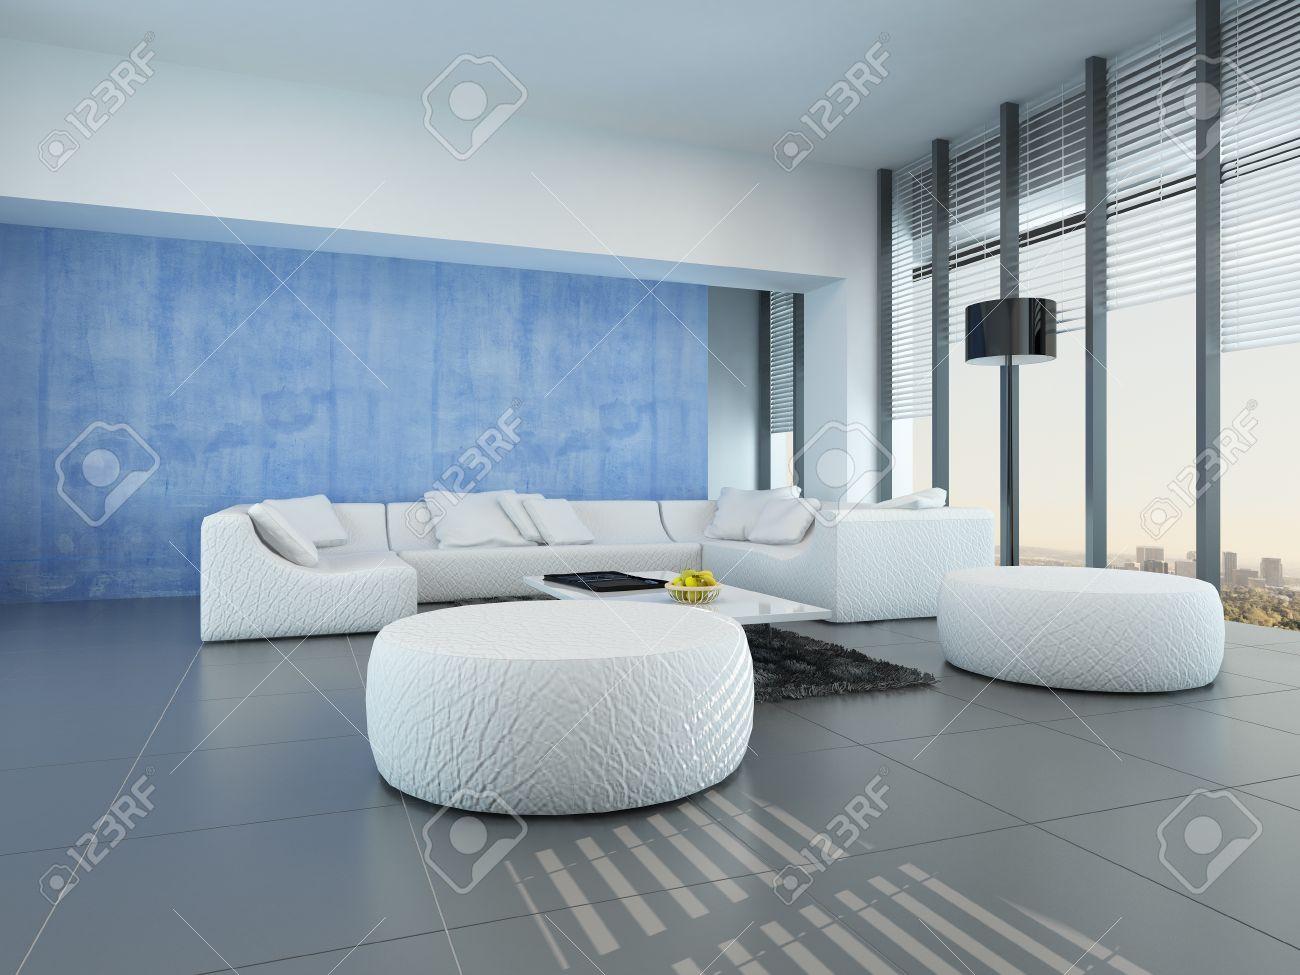 Moderne Grau, Blau Und Weiß Wohnzimmer Interieur Mit Einer Modularen Weißen  Sitzgruppe Auf Einem Grauen